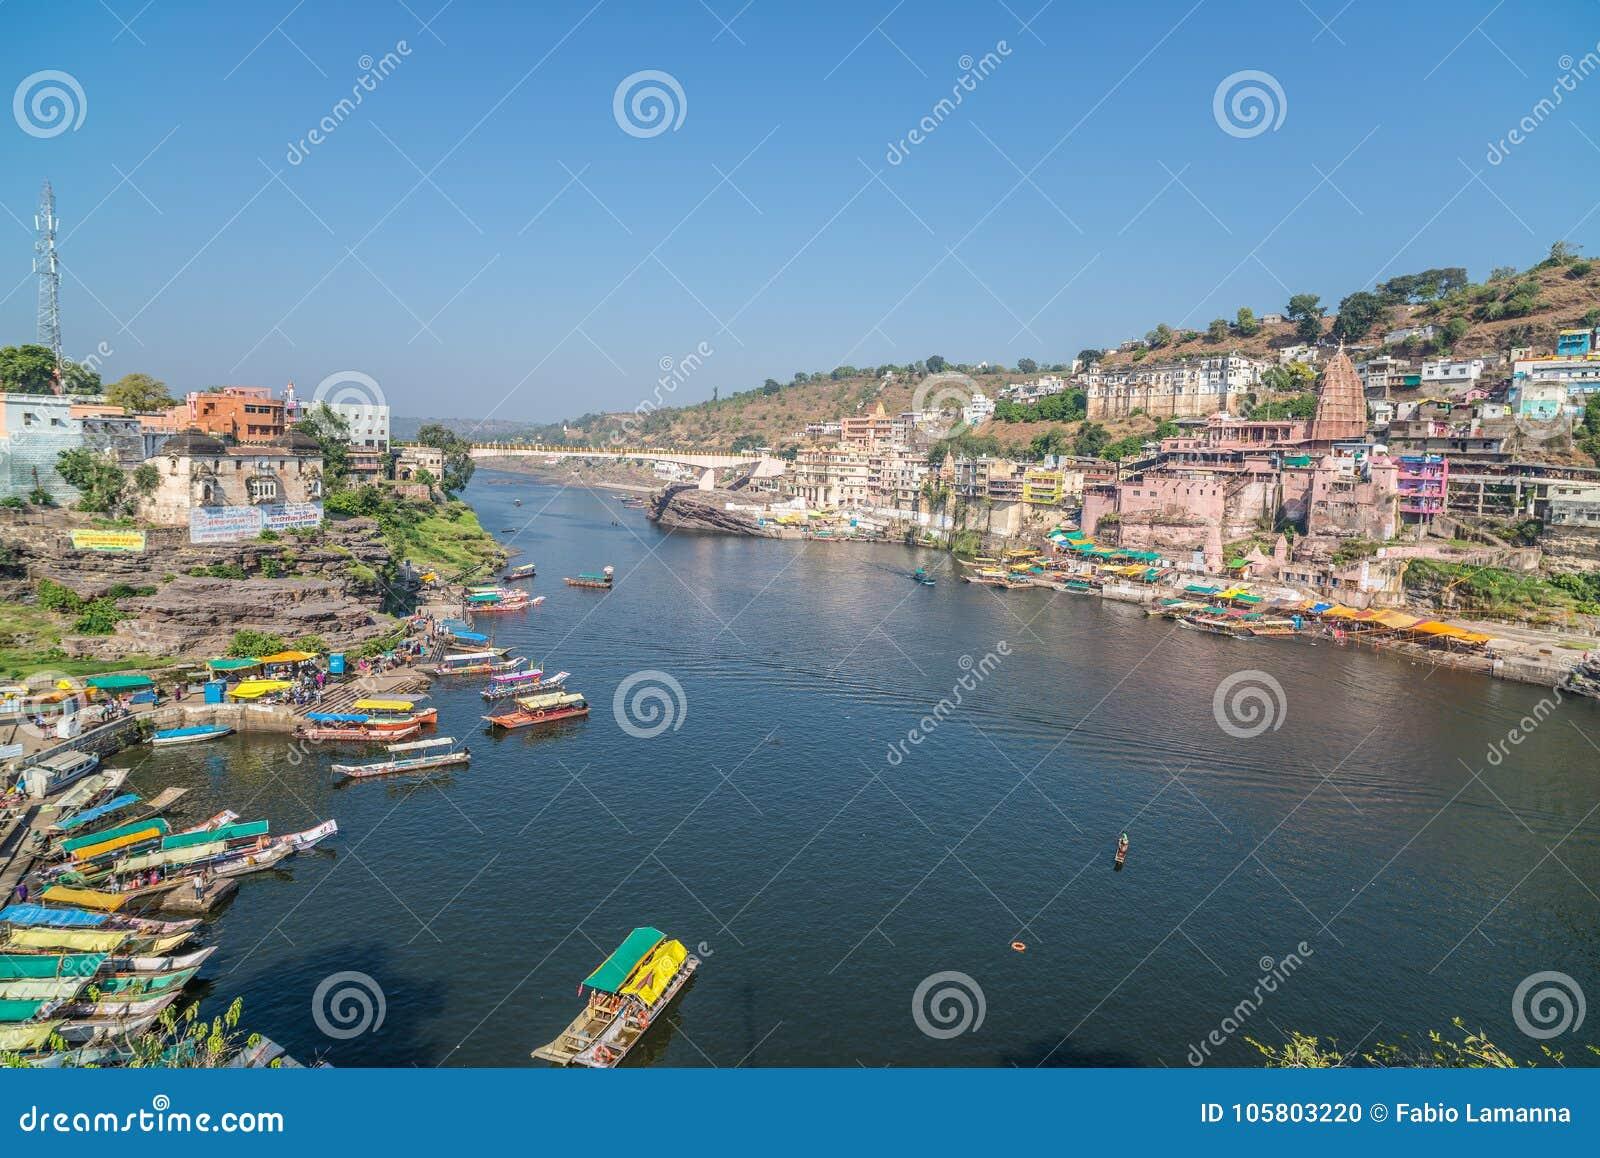 Paisaje urbano de Omkareshwar, la India, templo hindú sagrado Río santo de Narmada, flotación de los barcos Destino del viaje par